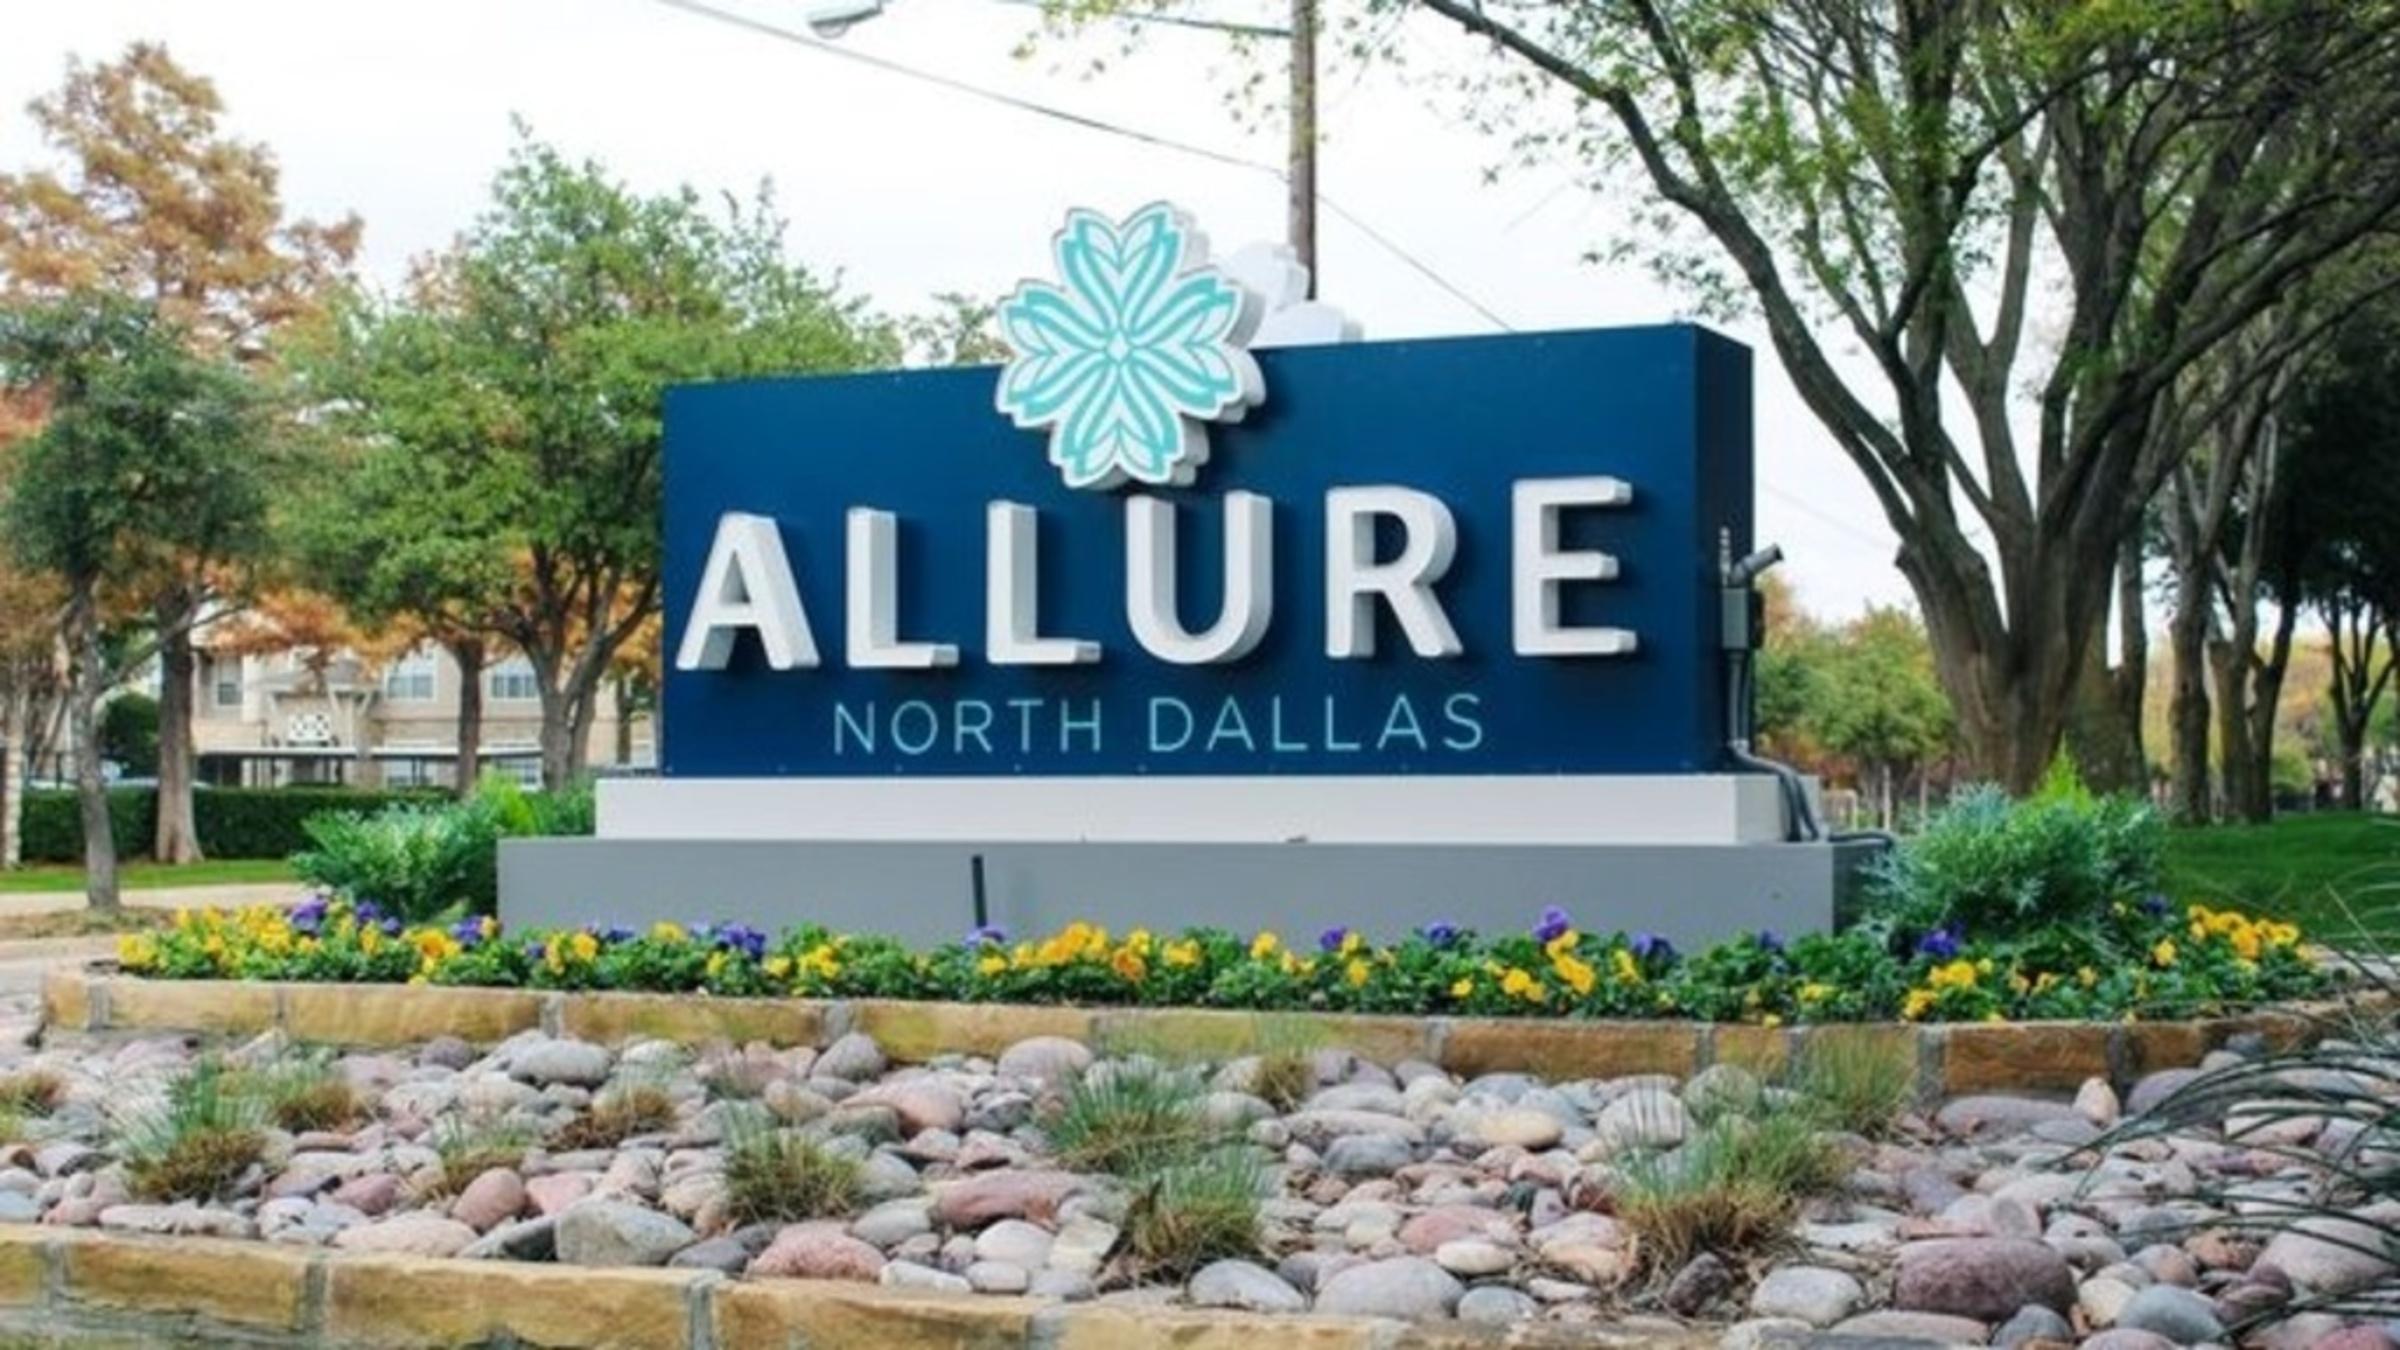 Allure North Dallas 713